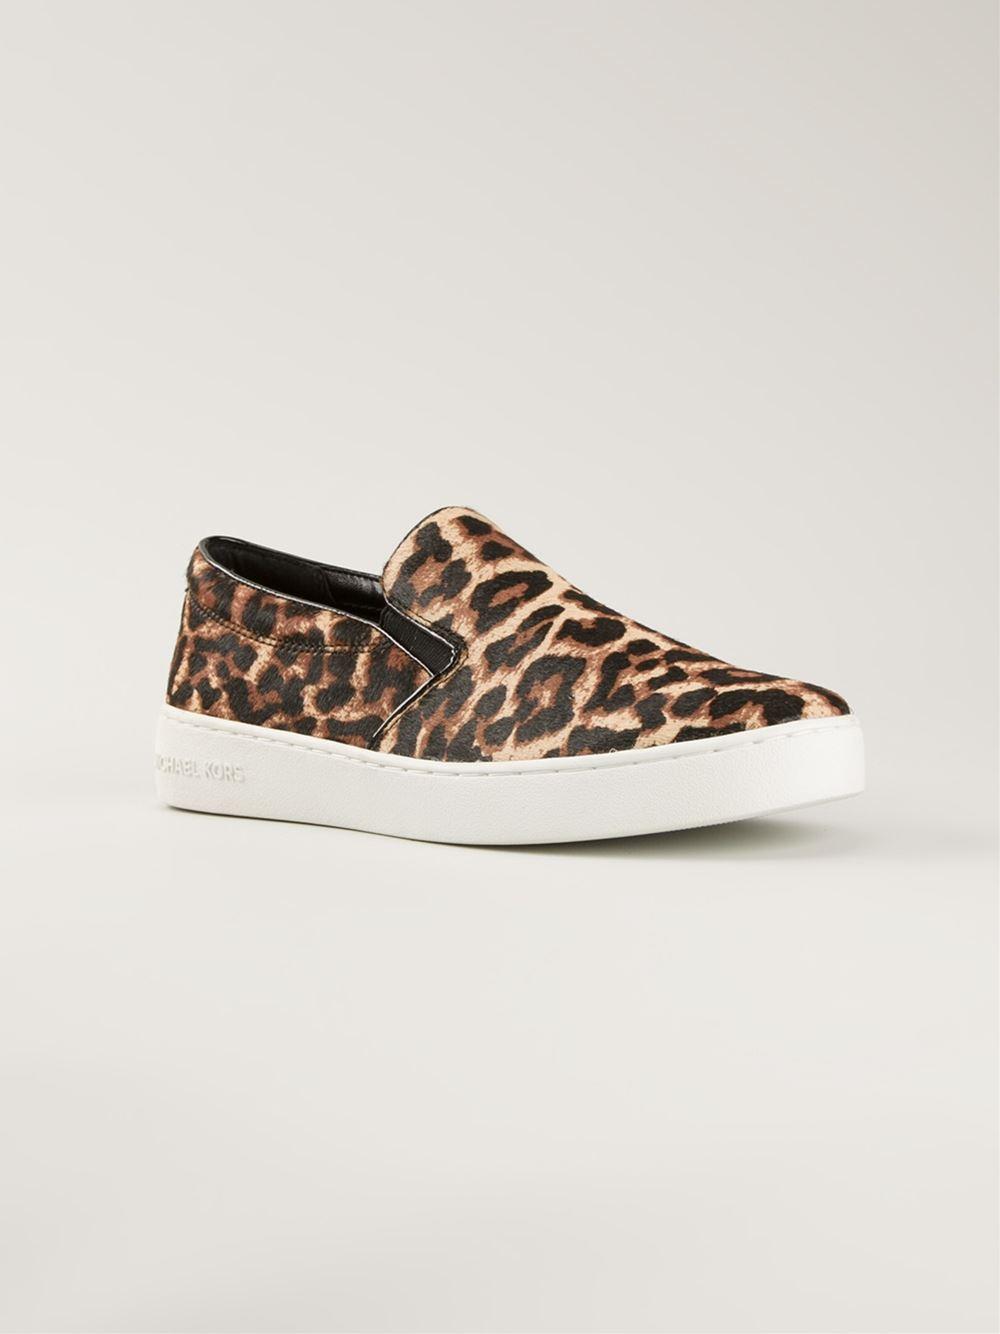 0c84ee6ca886 Lyst - Michael Kors Keaton Leopard Print Slipon Sneakers in Black